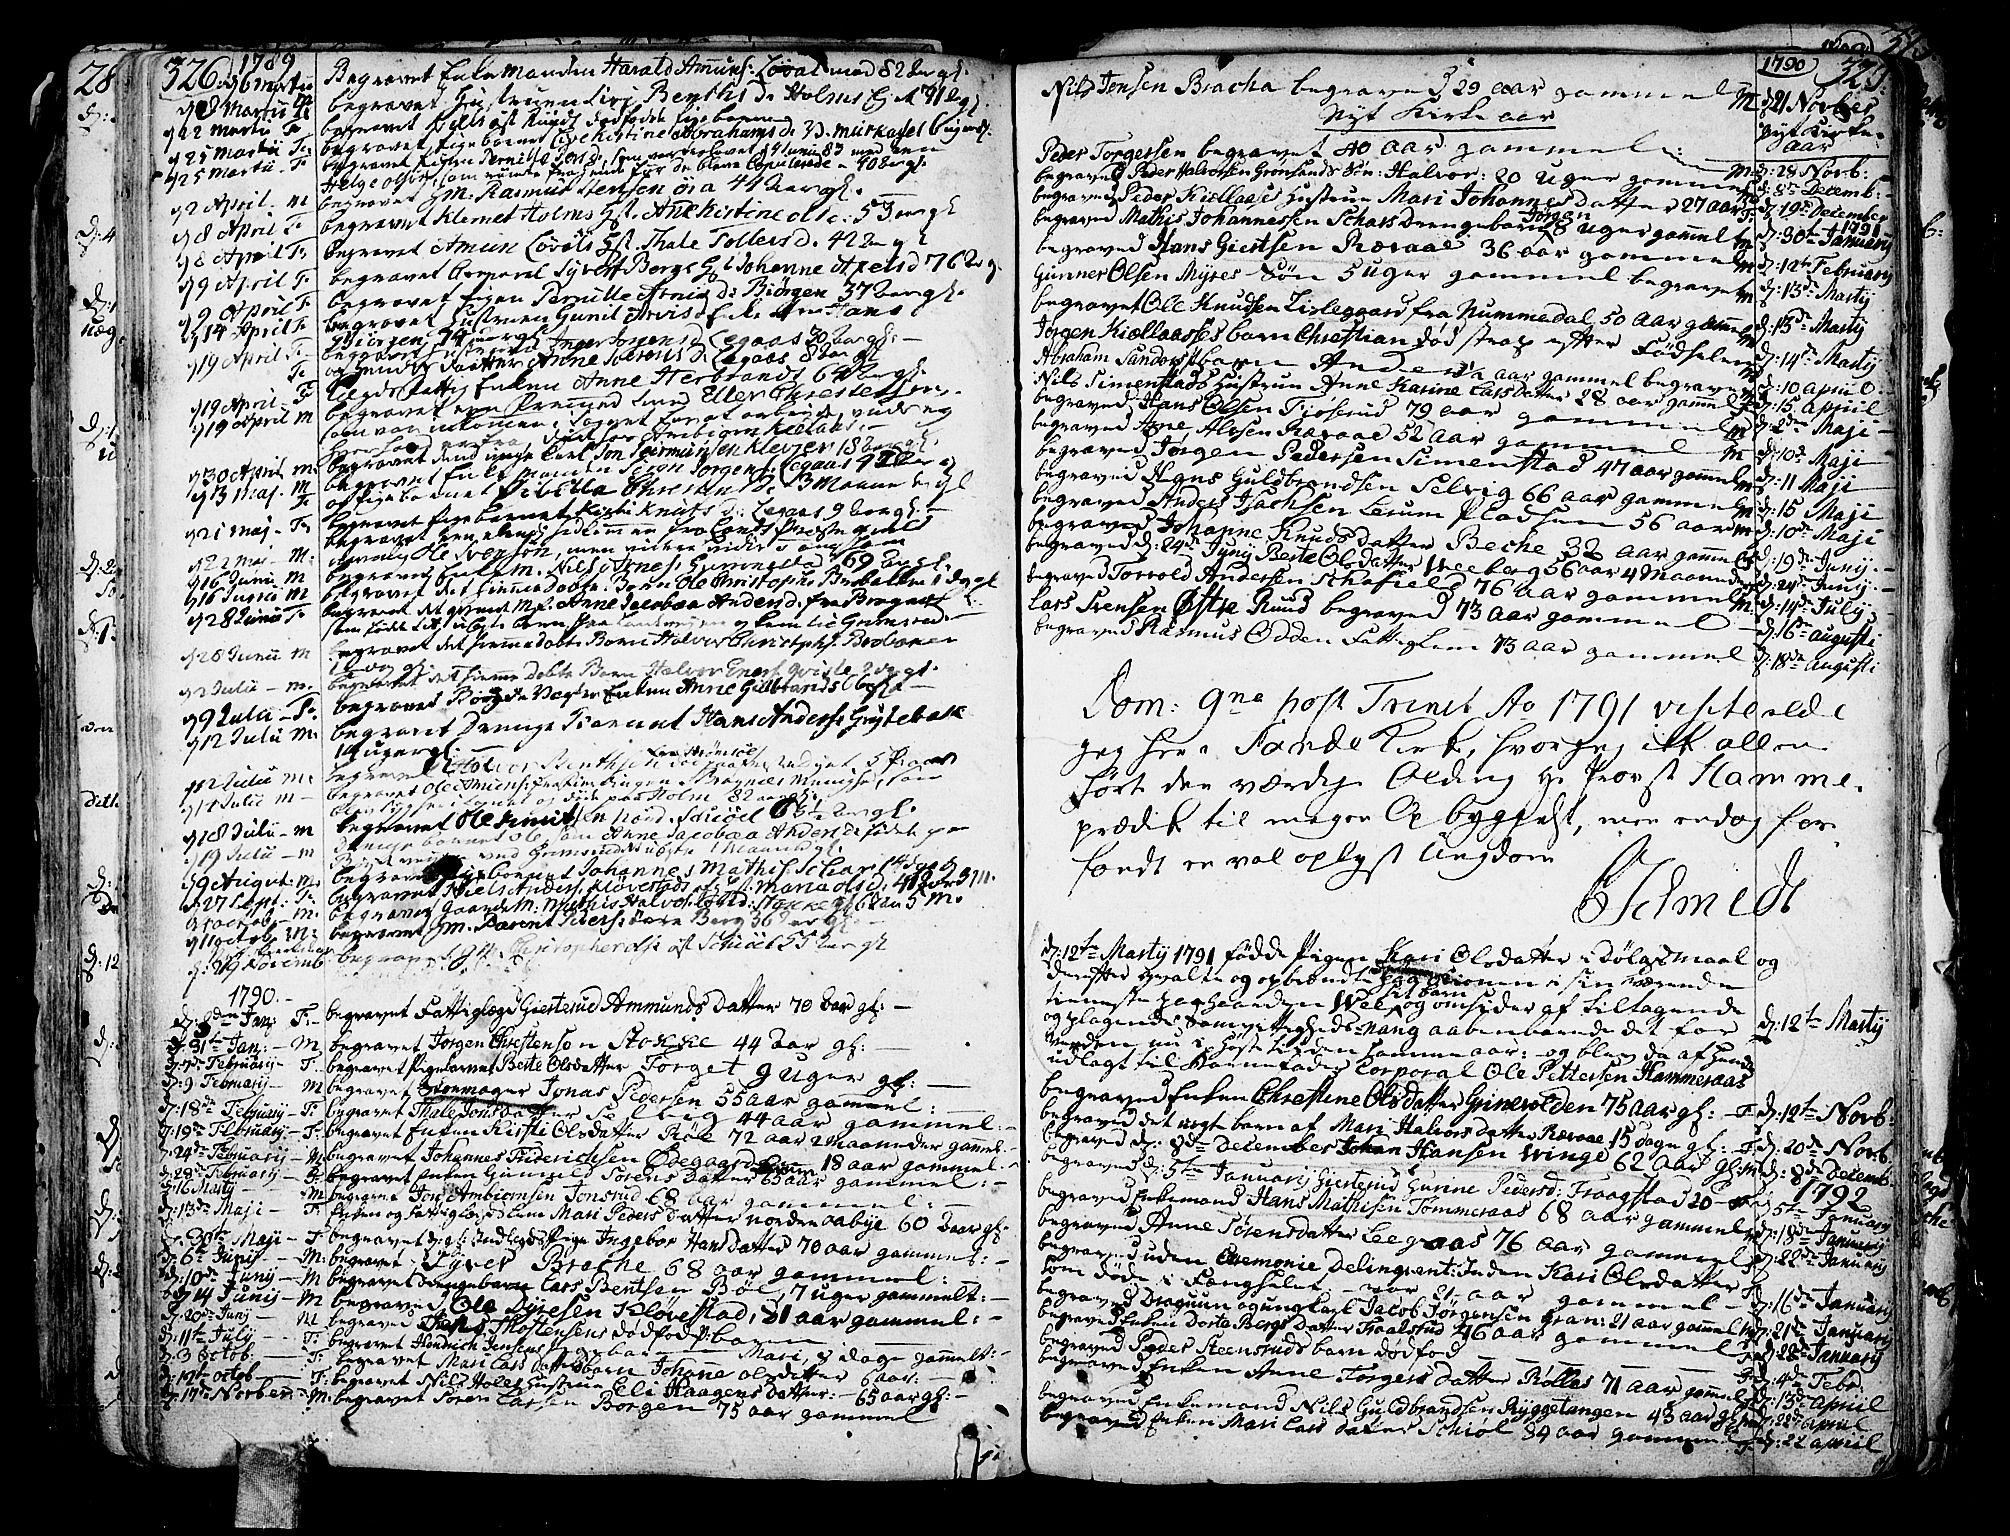 SAKO, Sande Kirkebøker, F/Fa/L0001: Ministerialbok nr. 1, 1753-1803, s. 326-327